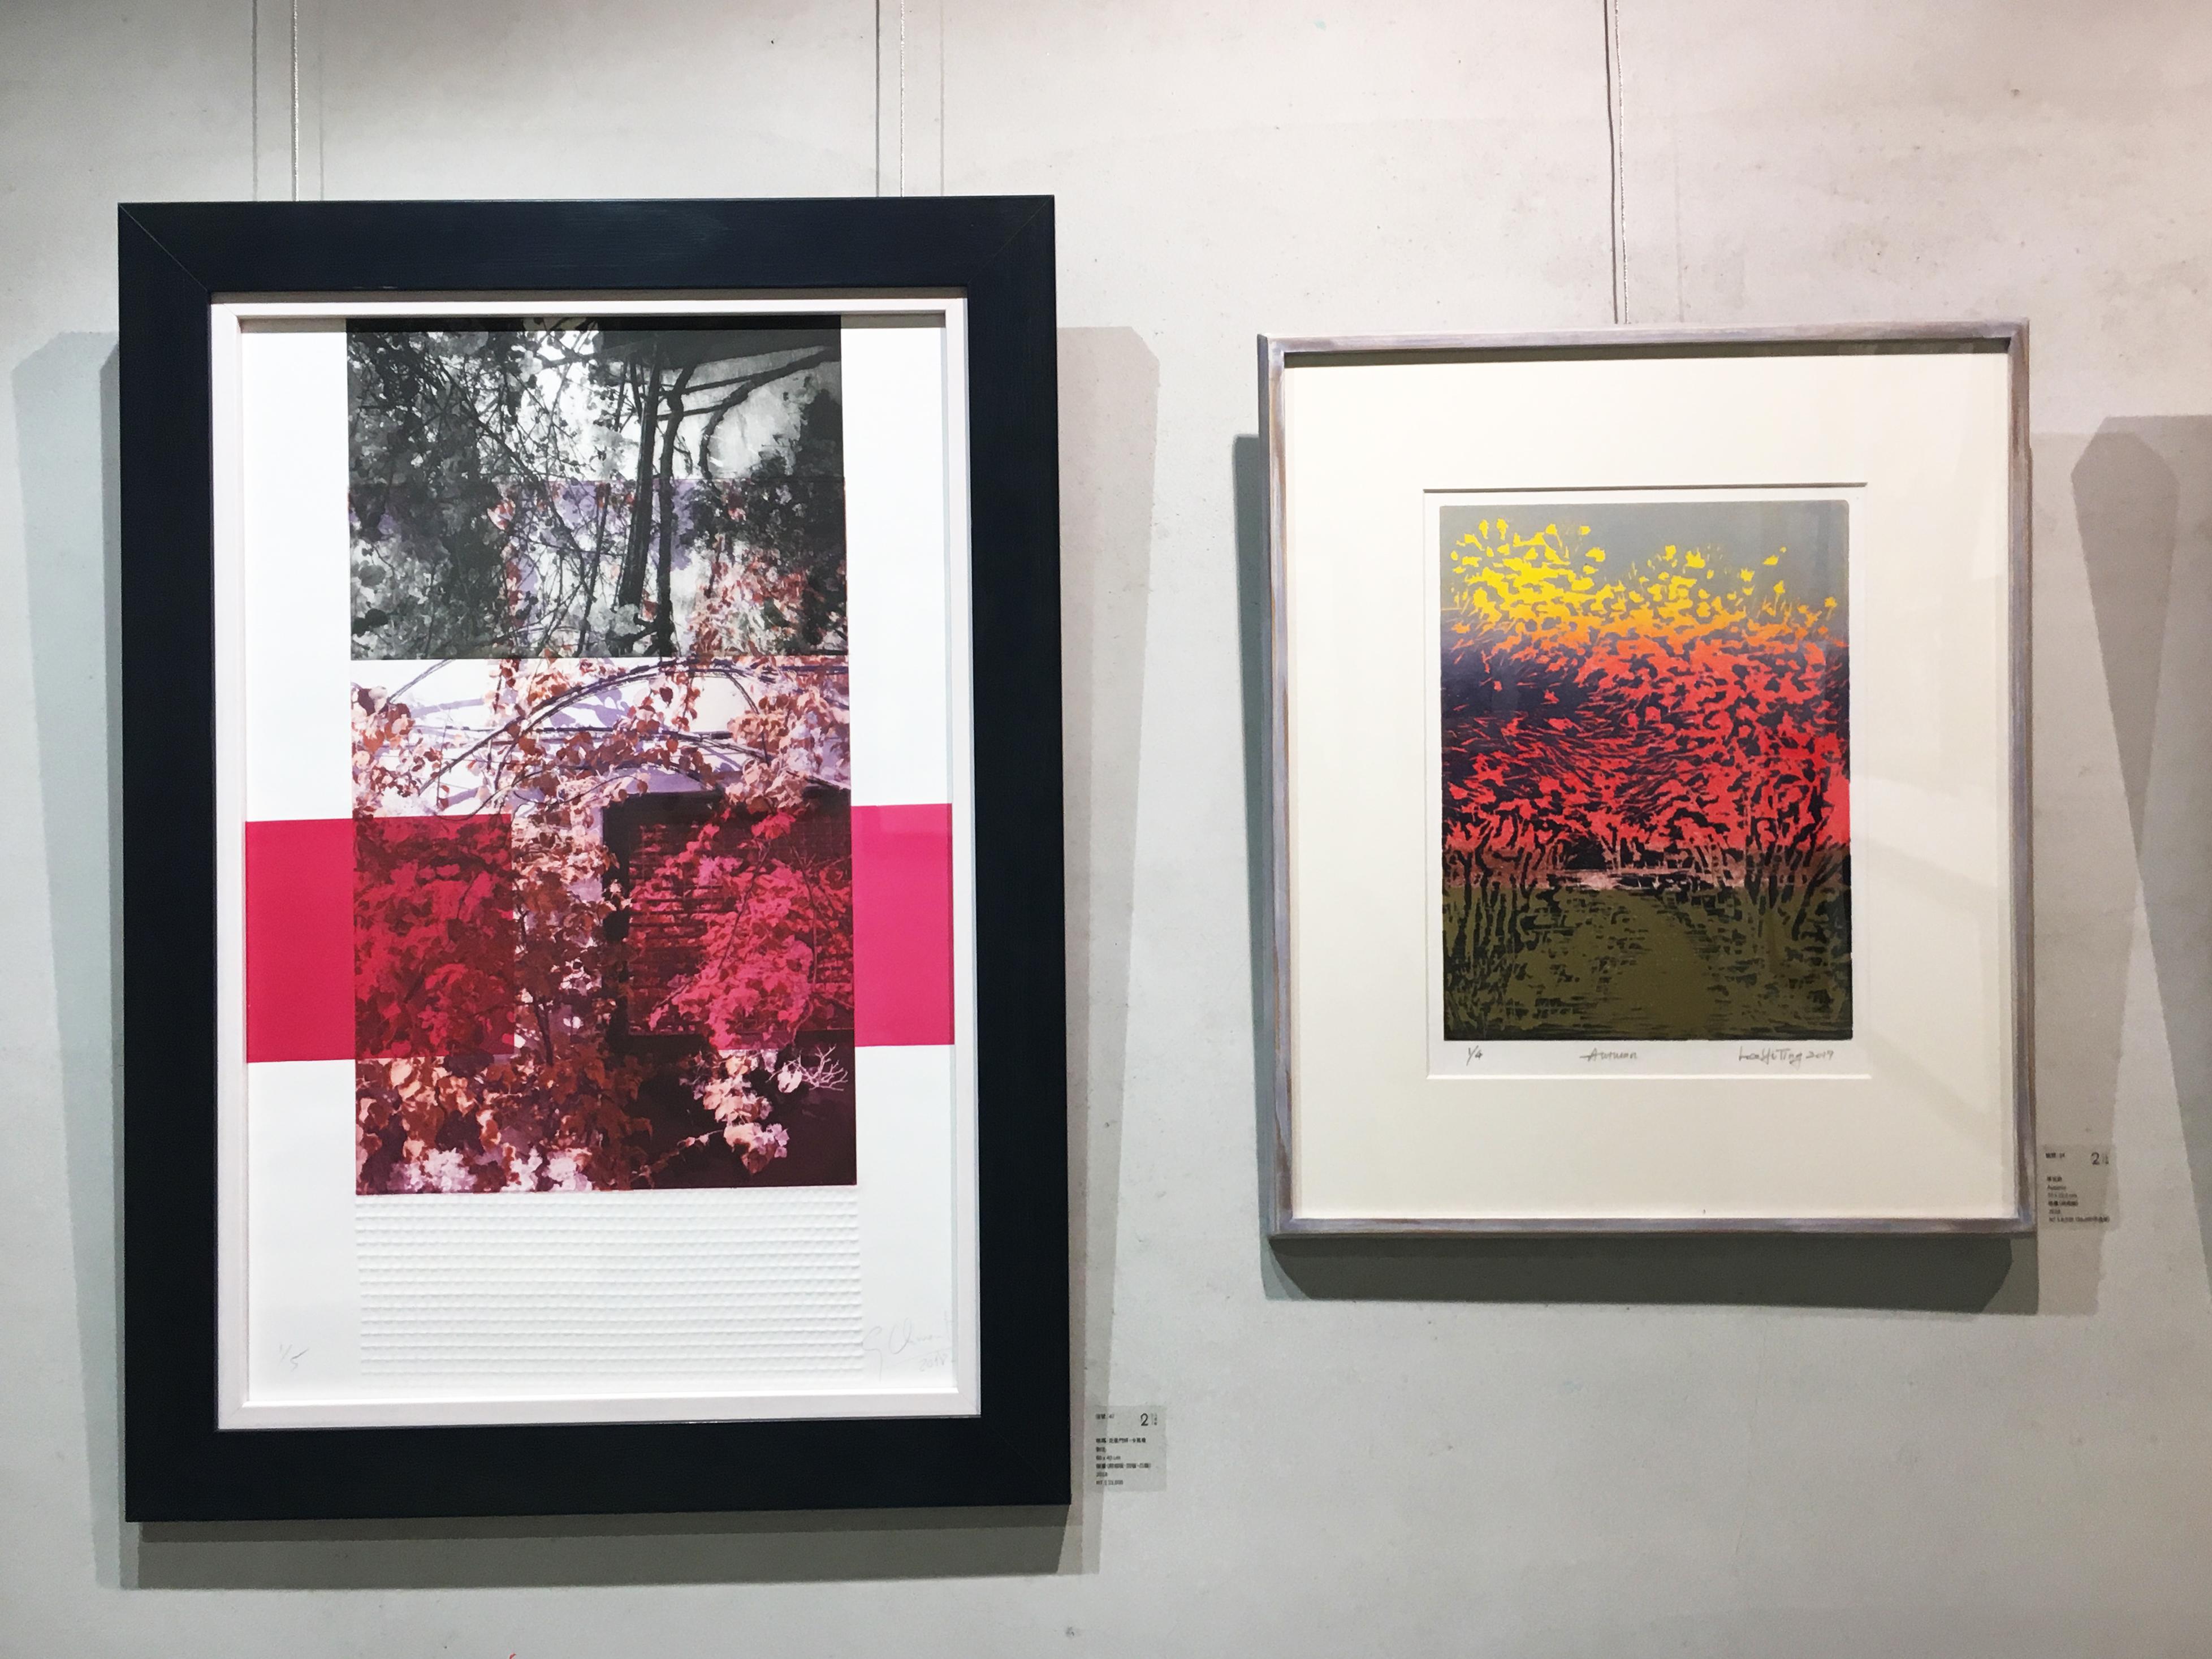 二空間展出西班牙藝術家格瑪.克里門特.卡馬喬(左)以及臺灣藝術家李宜庭(右)版畫作品。